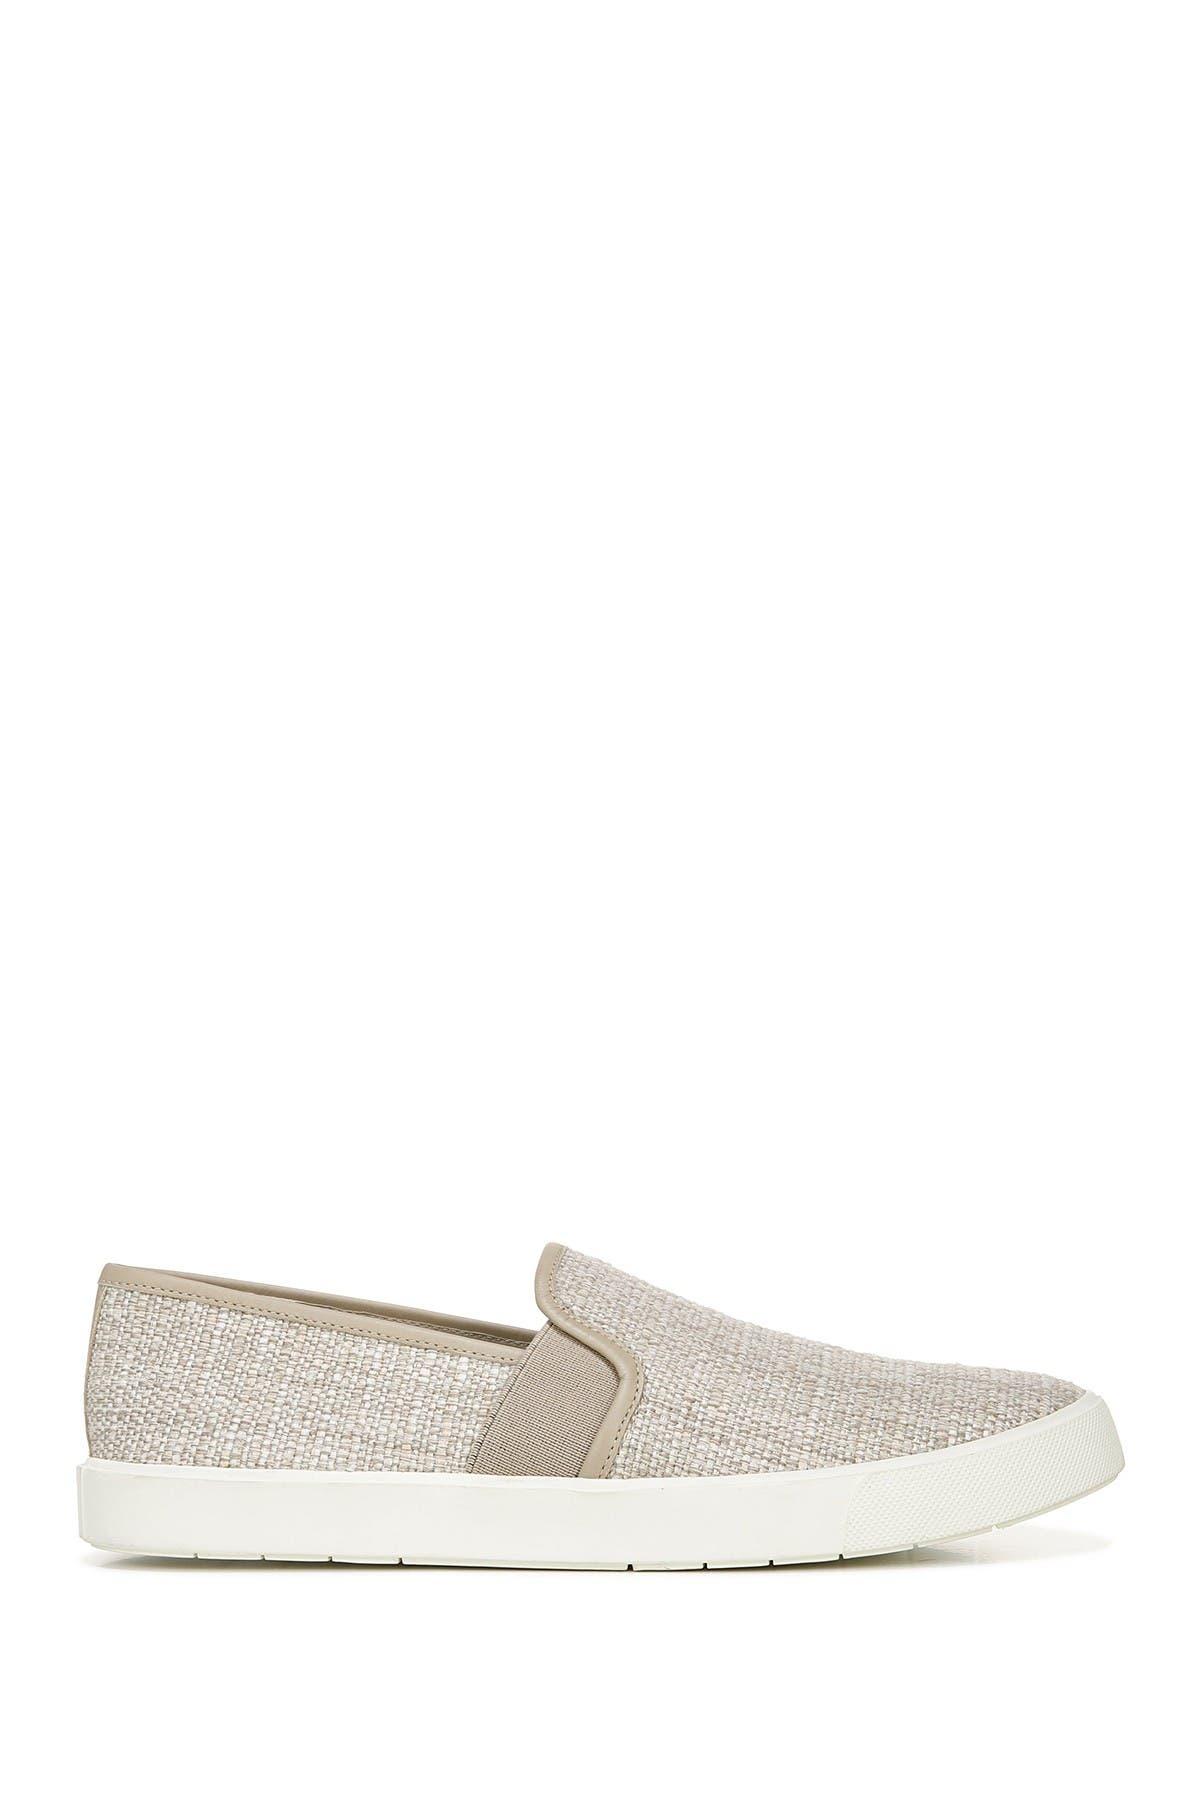 Image of Vince Preston Linen Slip-On Sneaker